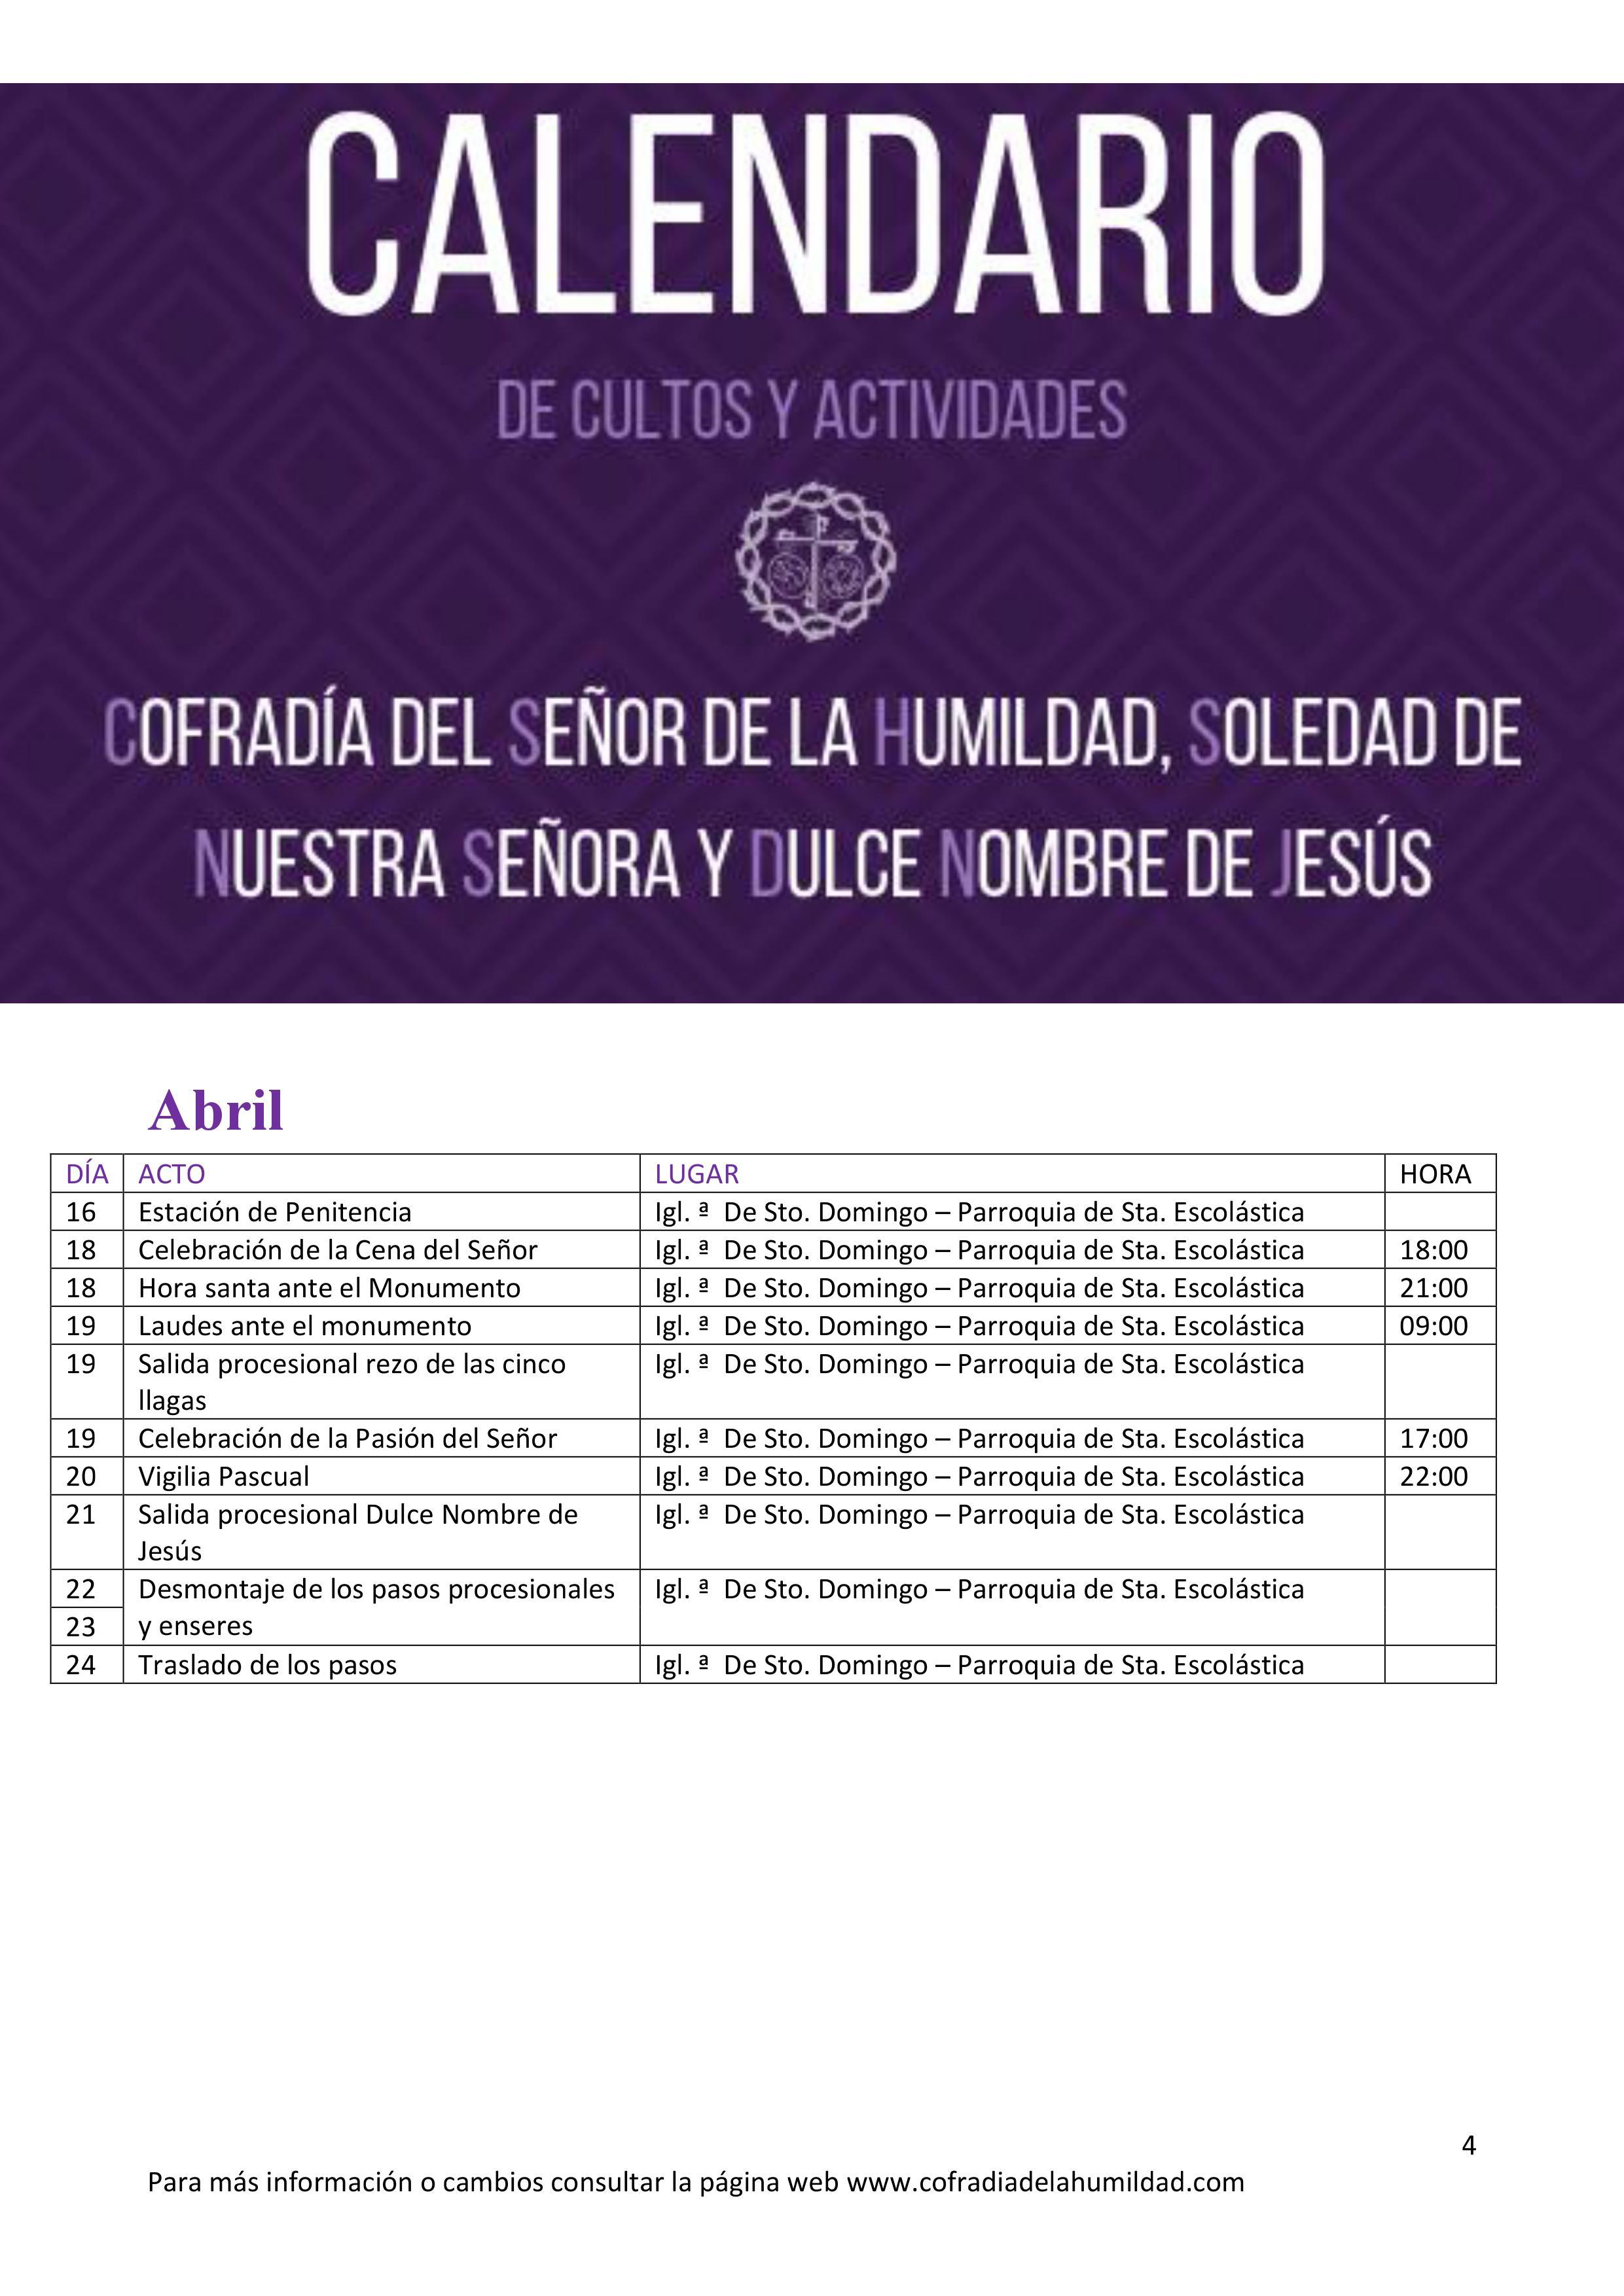 calendario cofradia humildad 2018-19 (5)